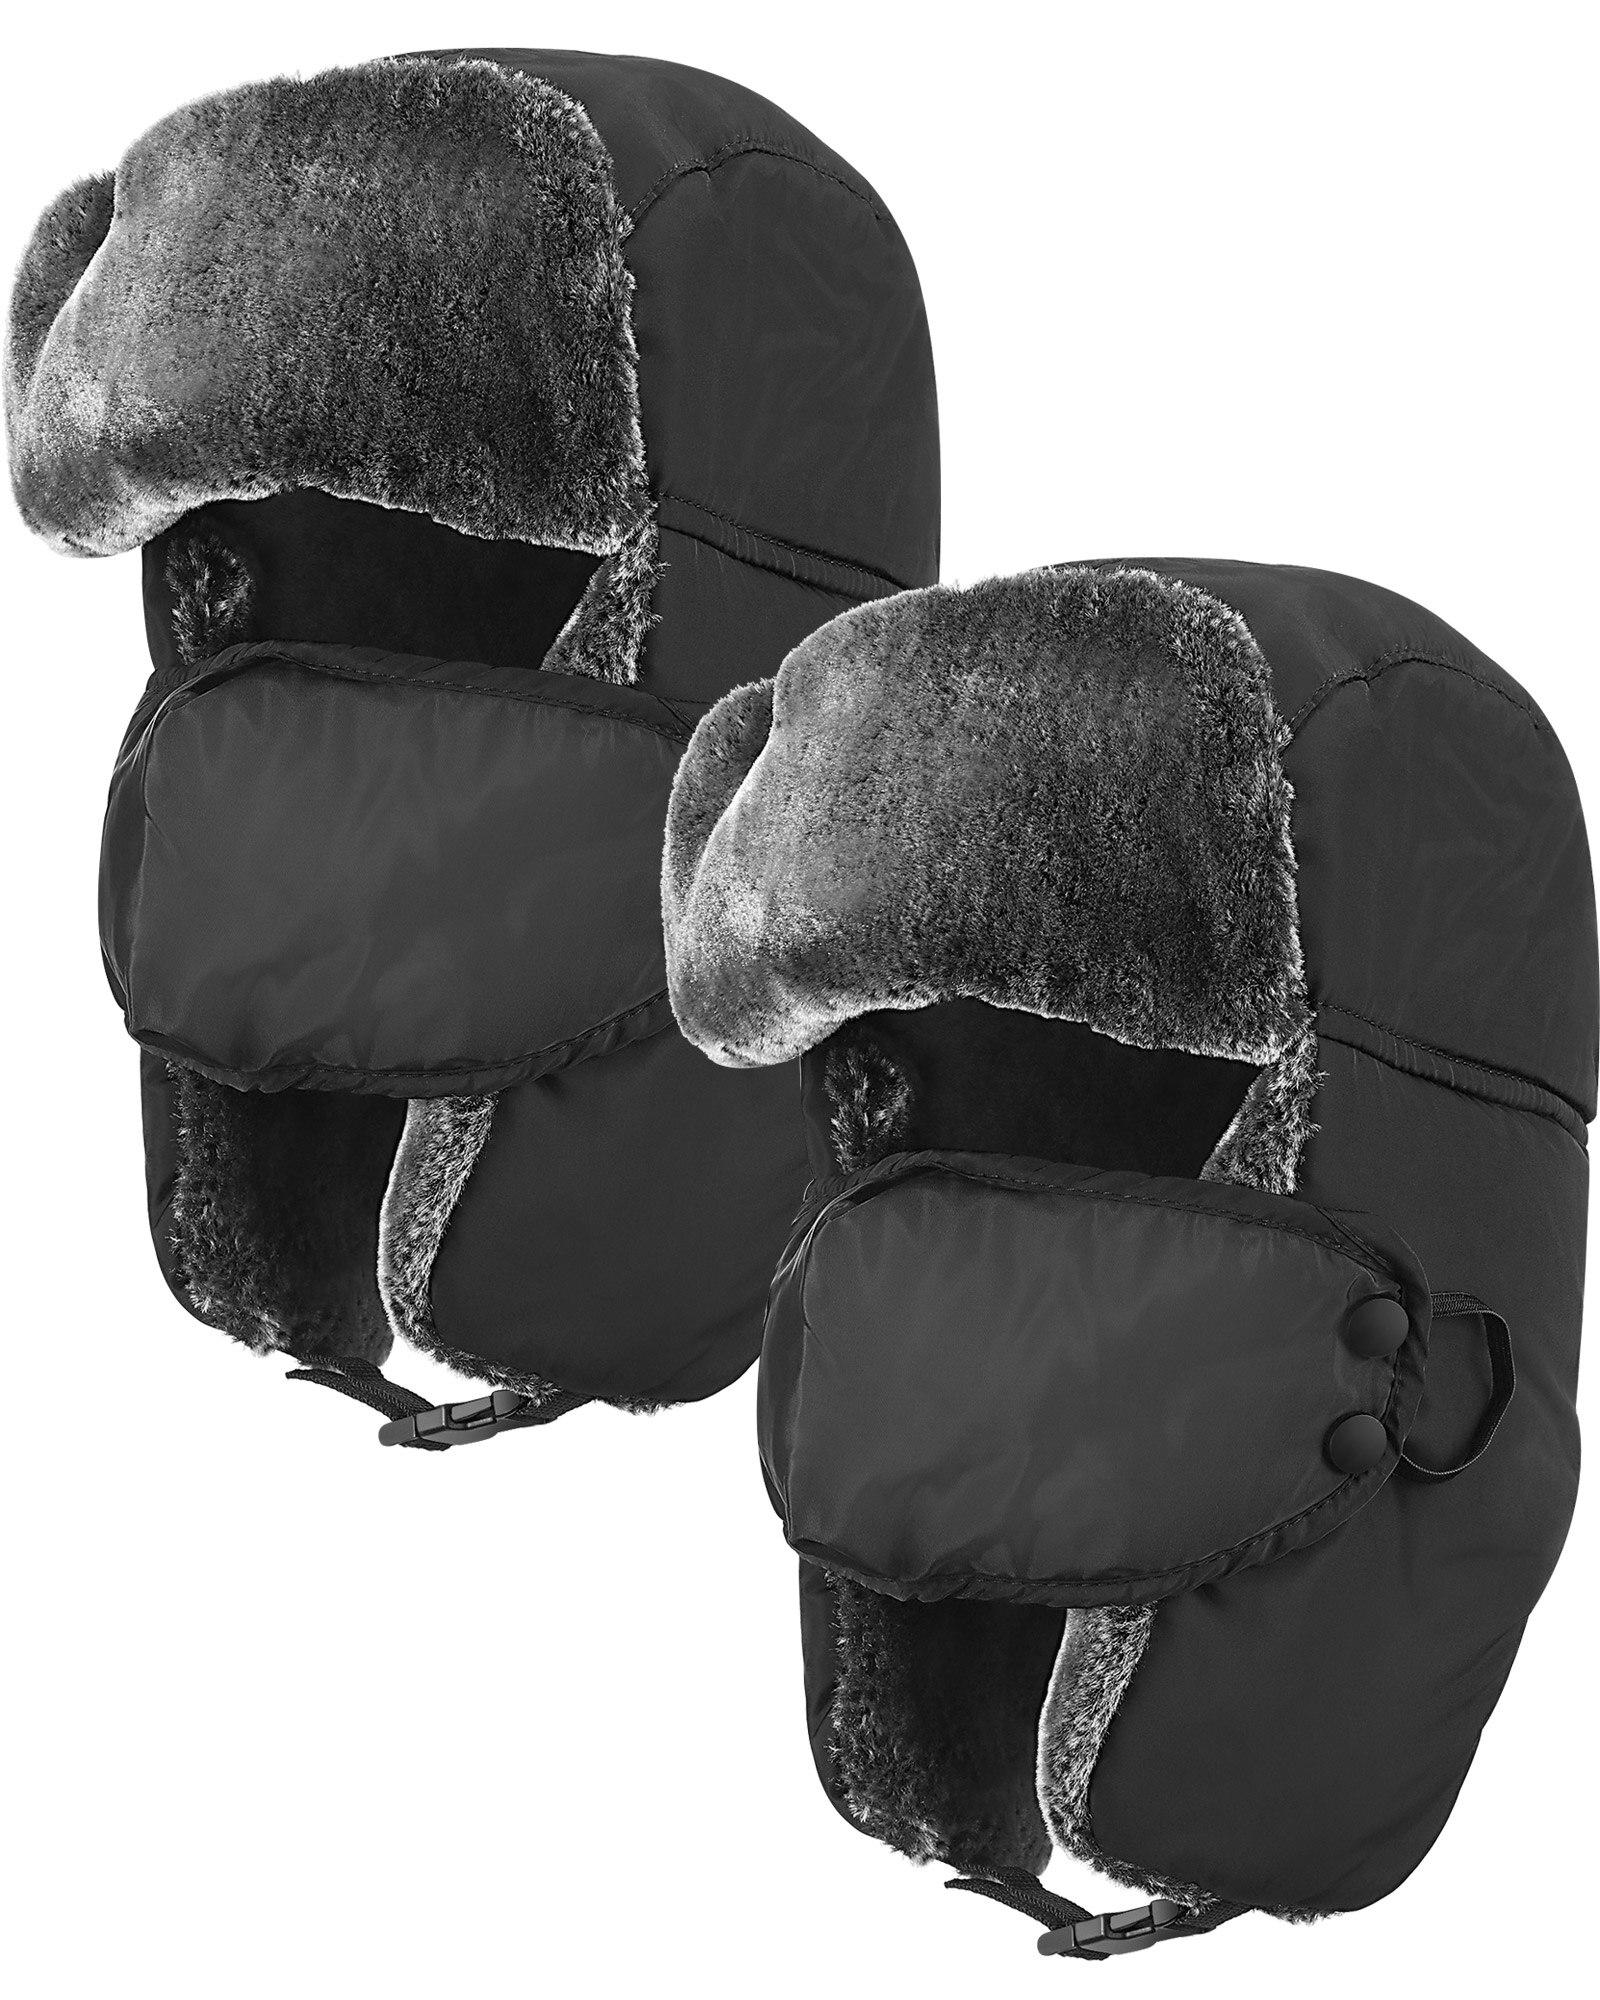 men women motorcycle face mask moto winter hat ears earflap hats trapper hat male trooper snow ski hat hunting cap Trapper Hat Winter Ski Hats for Men Trooper Russian Warm Hat with Ear Flaps with Mask Ushanka Bomber Fur Hats for Men Women